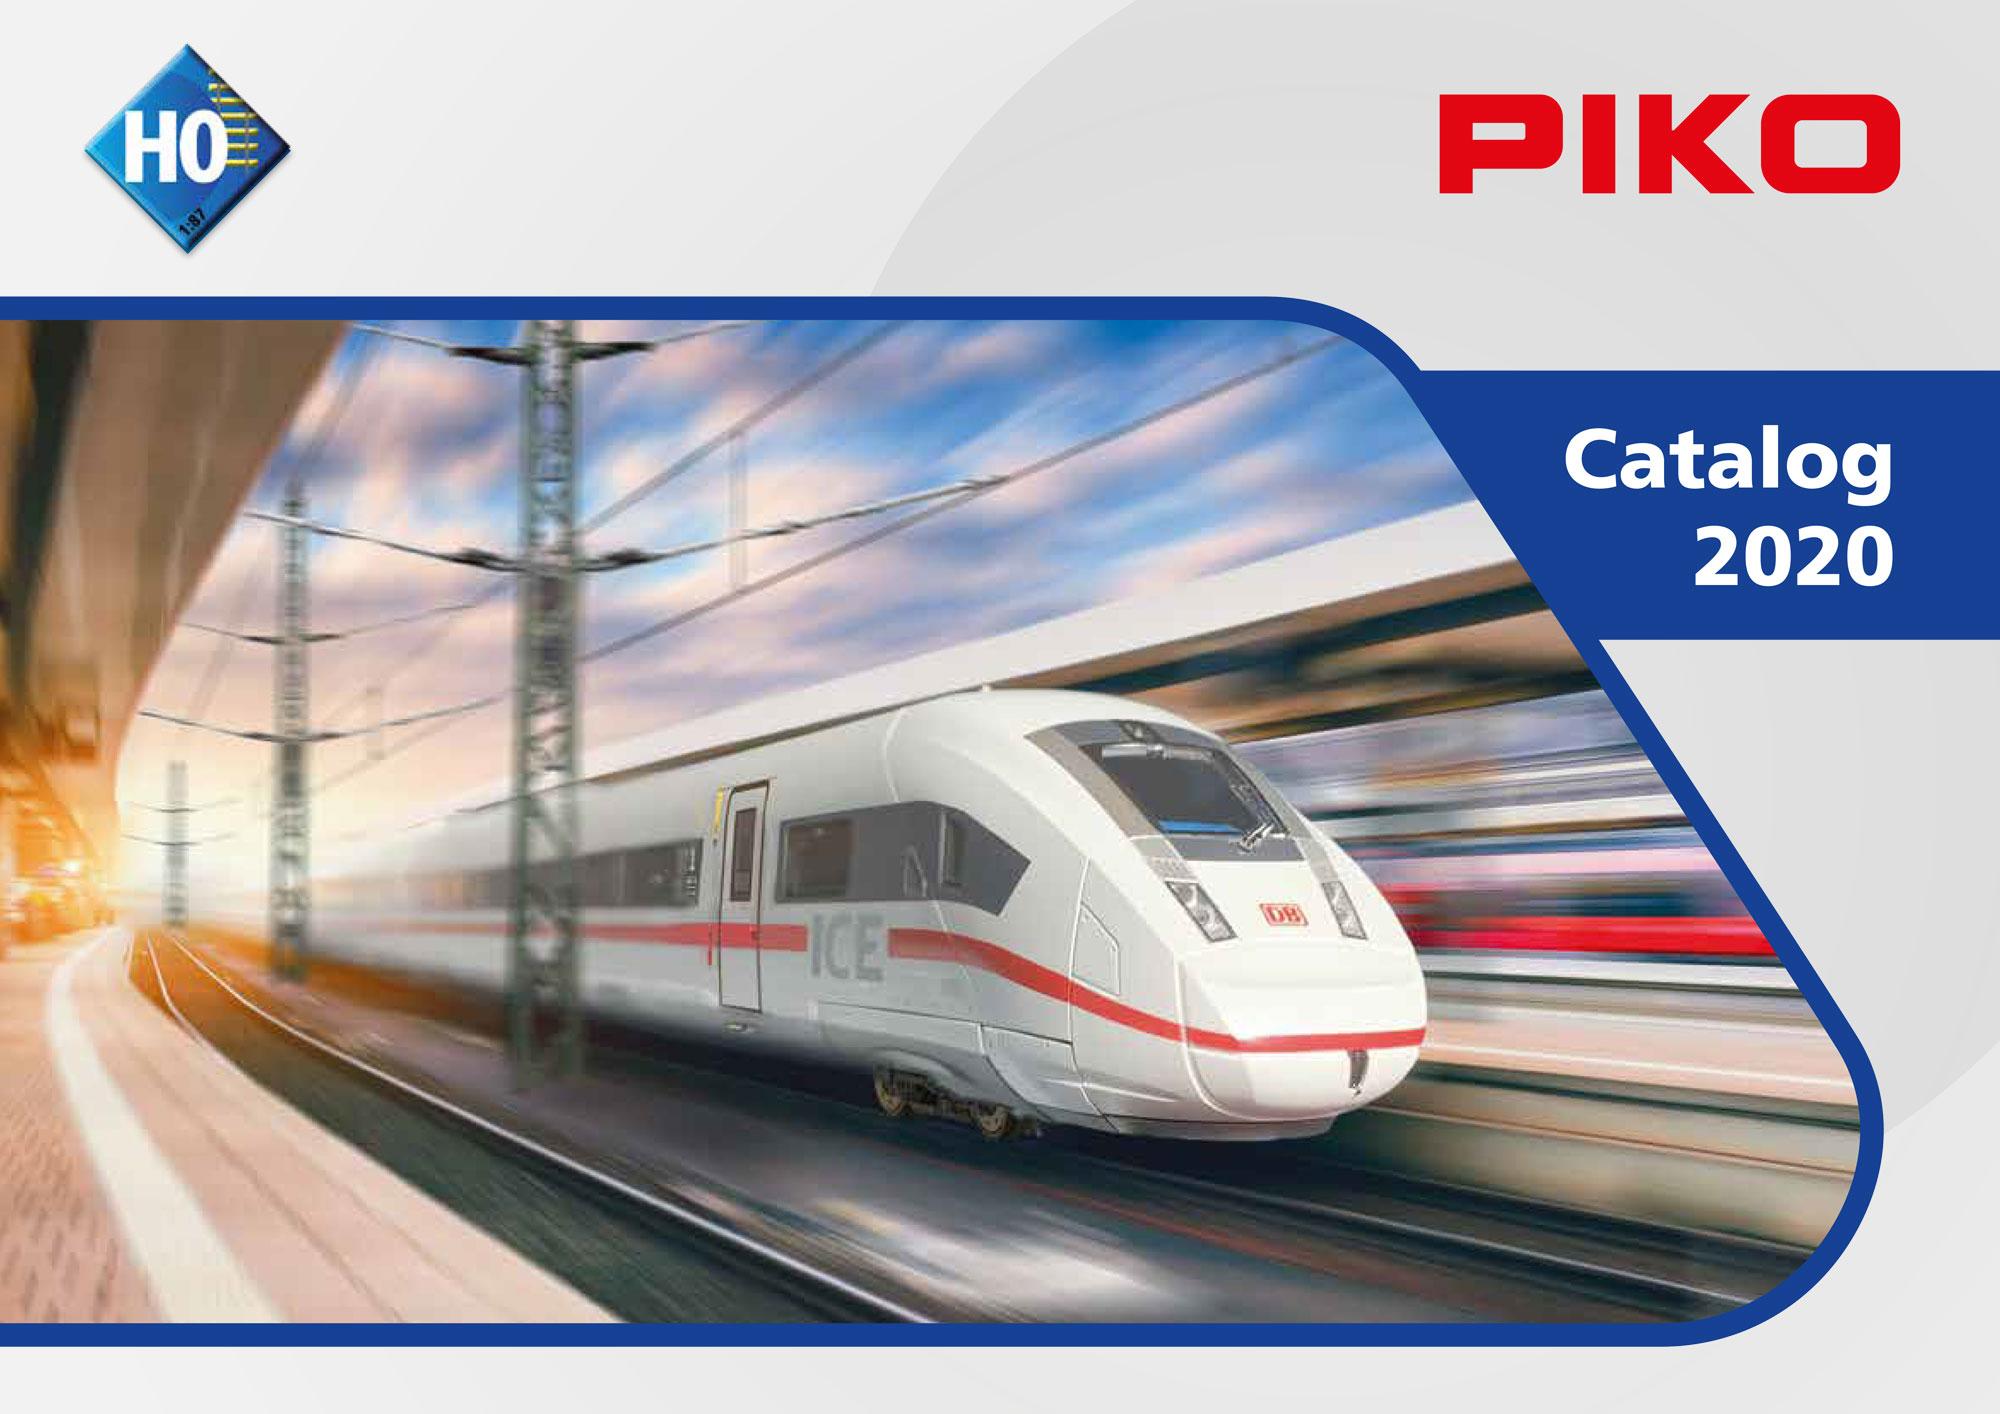 PIKO - Catalog 2020